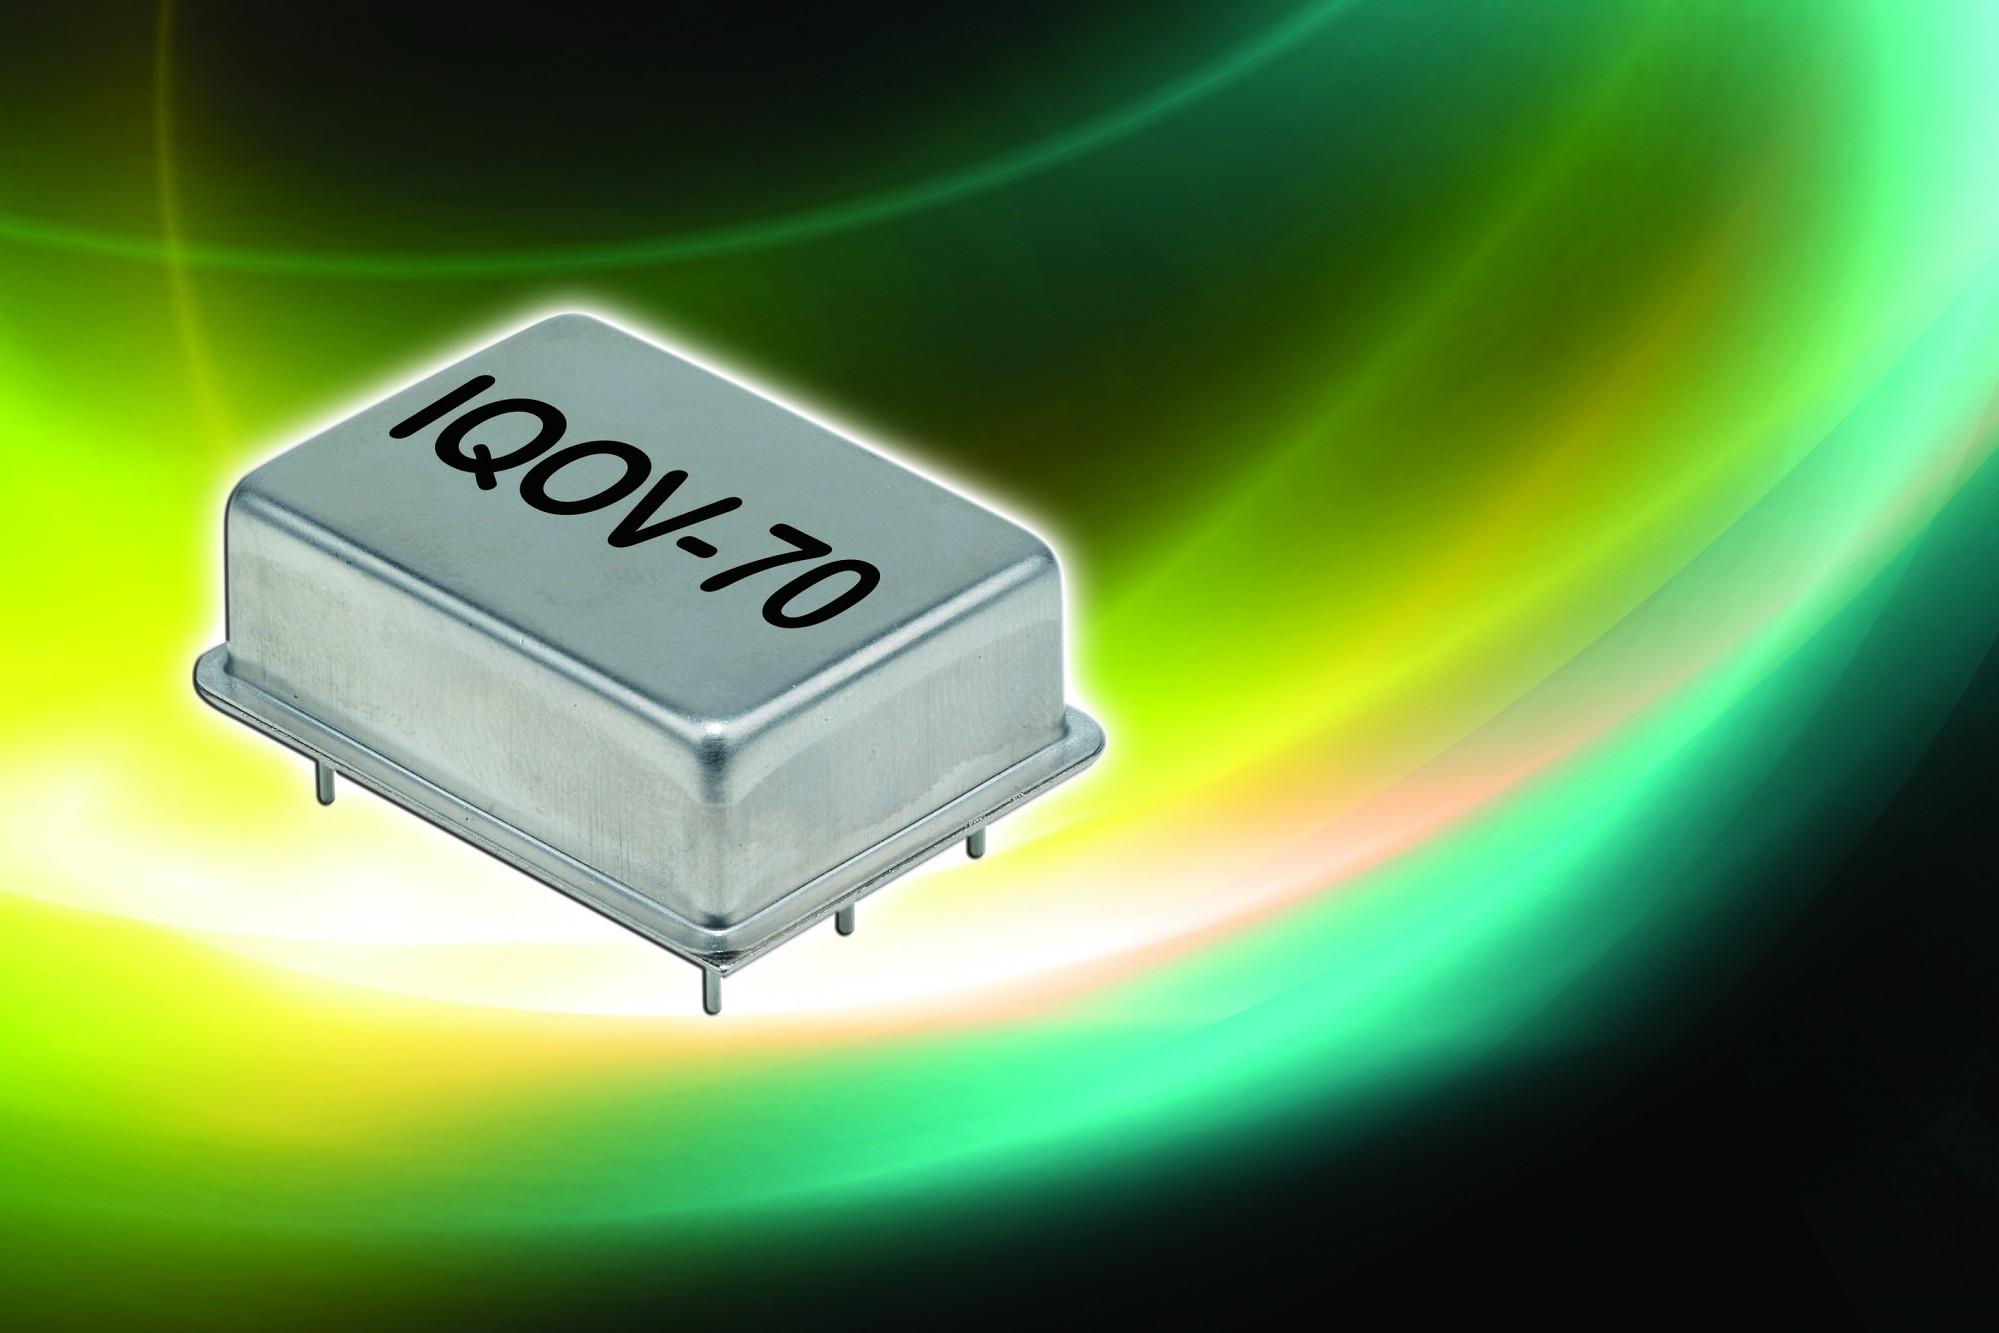 IQD präsentiert auf der Embedded World 2013 neue, hochstabile OCXOs